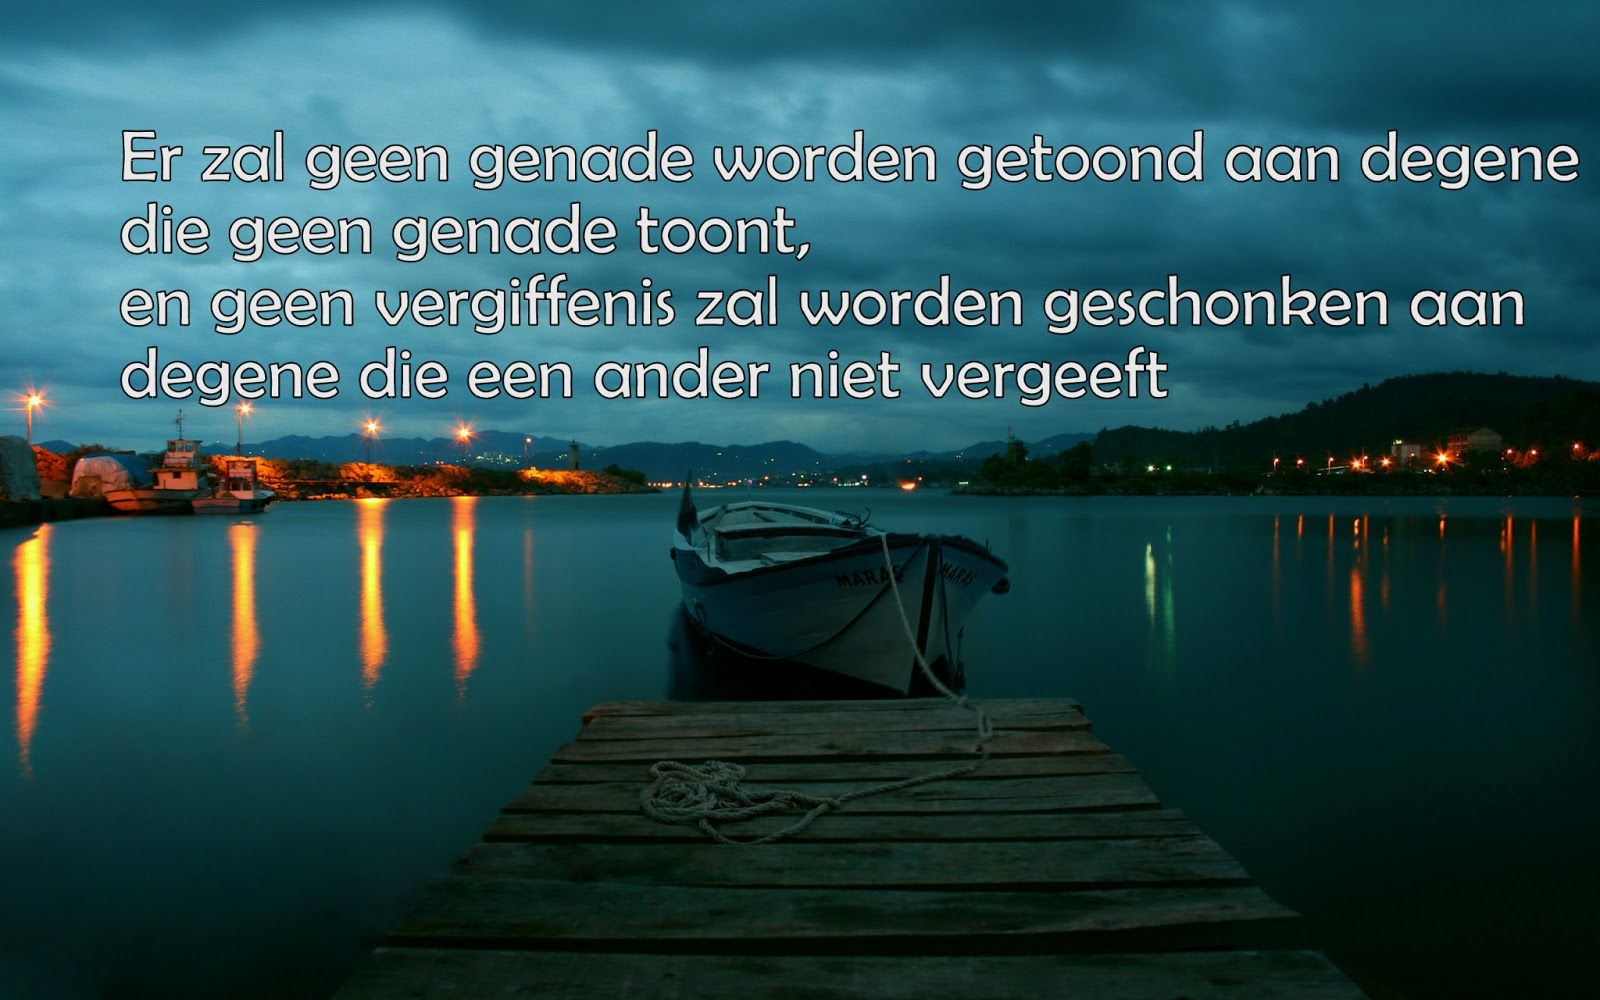 Citaten Filosofie Quran : Citaten en wijze woorden uit de islam nederlandse quotes